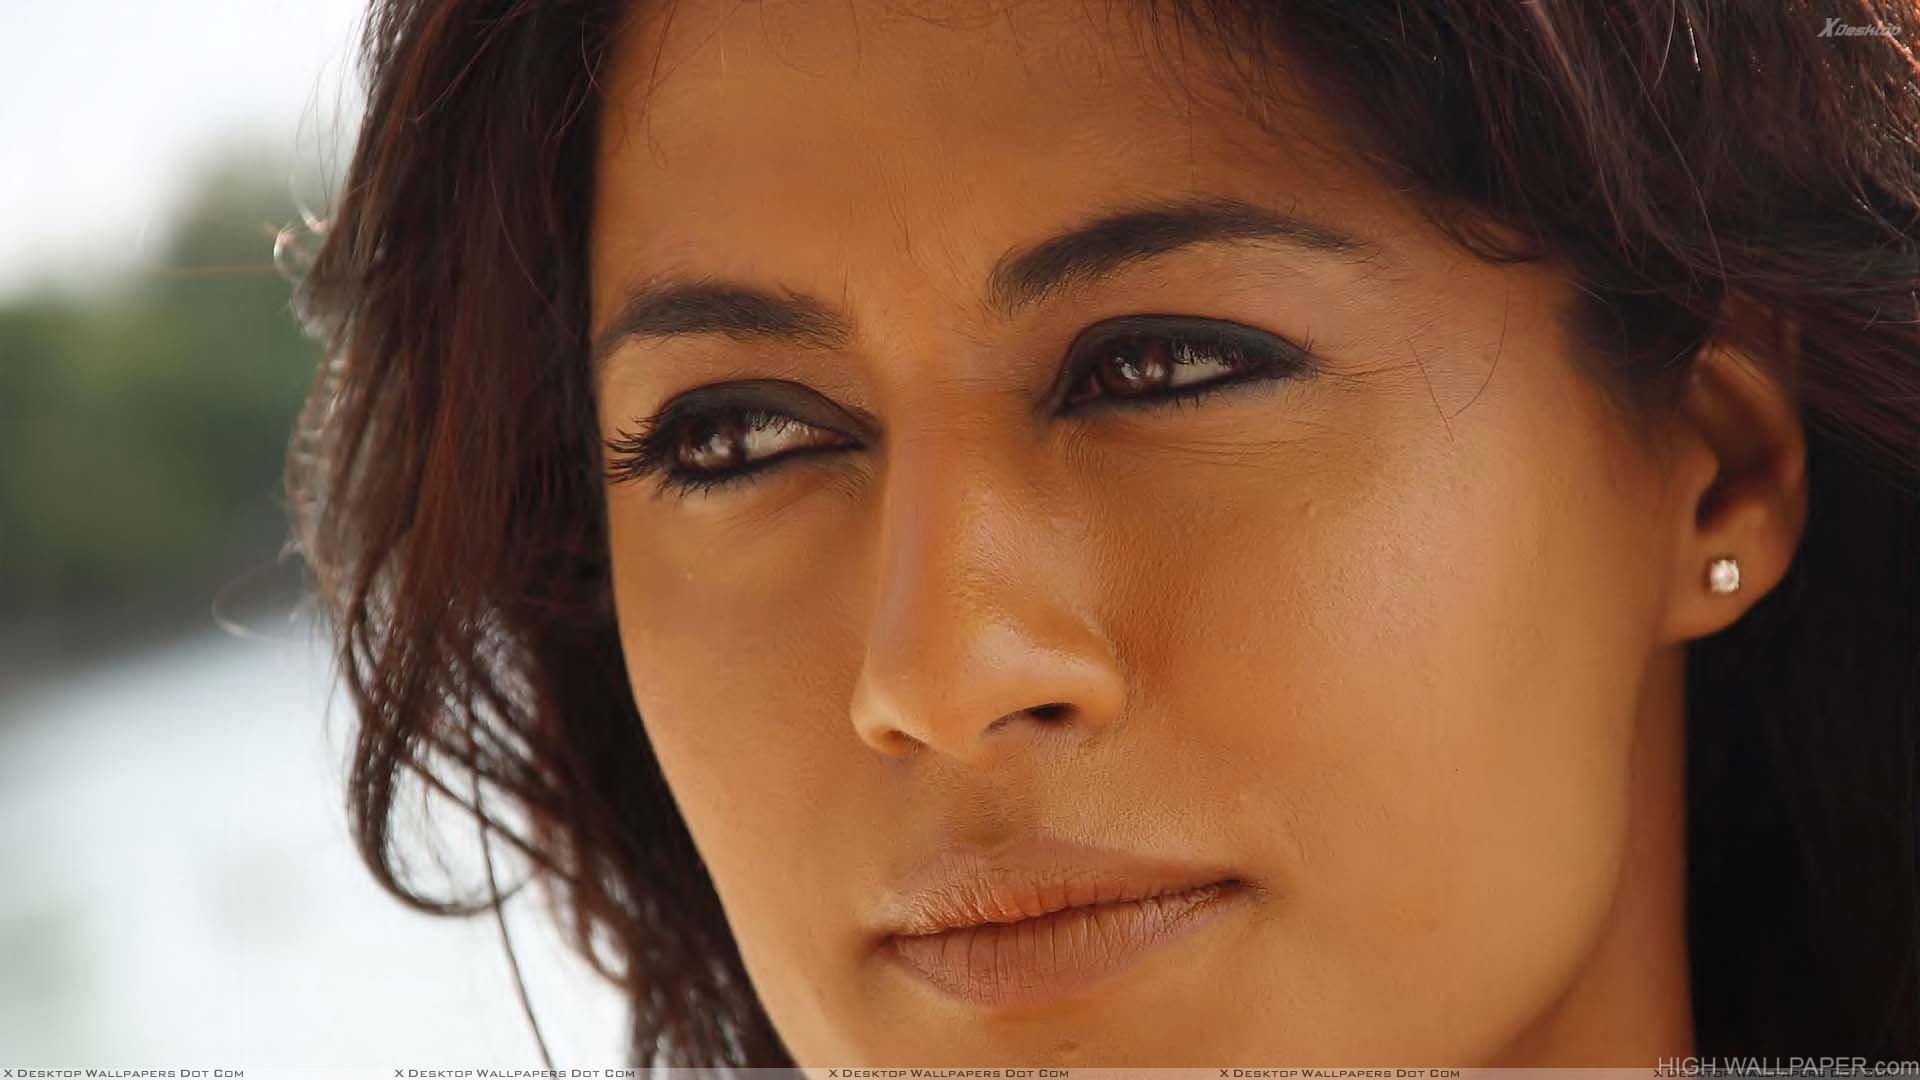 chitrangada singh cute face closeup hd wallpaper